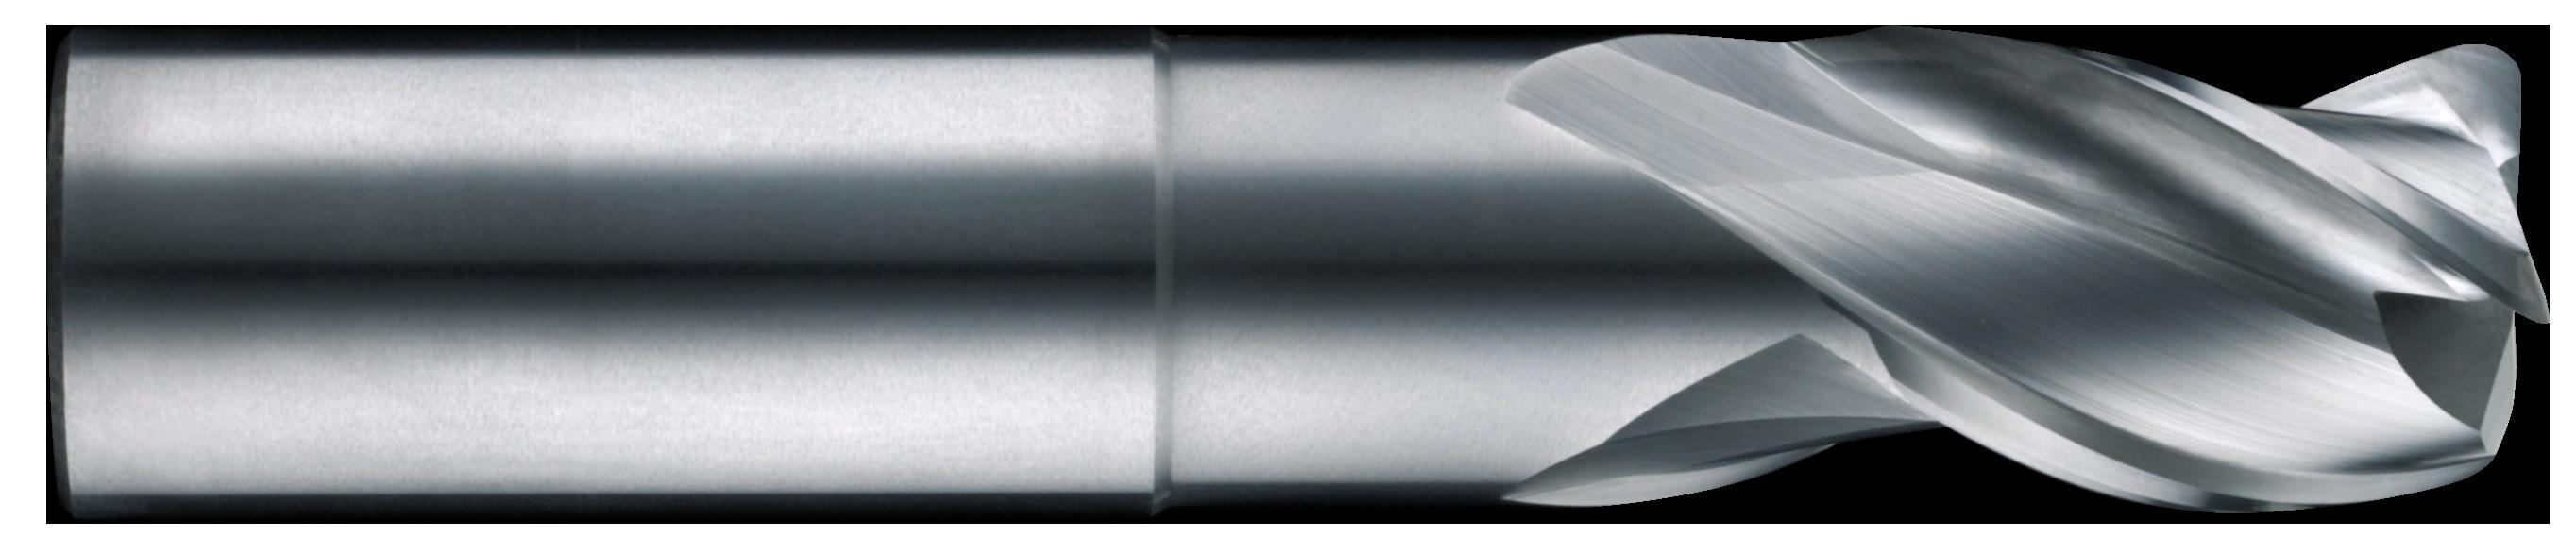 HVMag-3 Three Flute